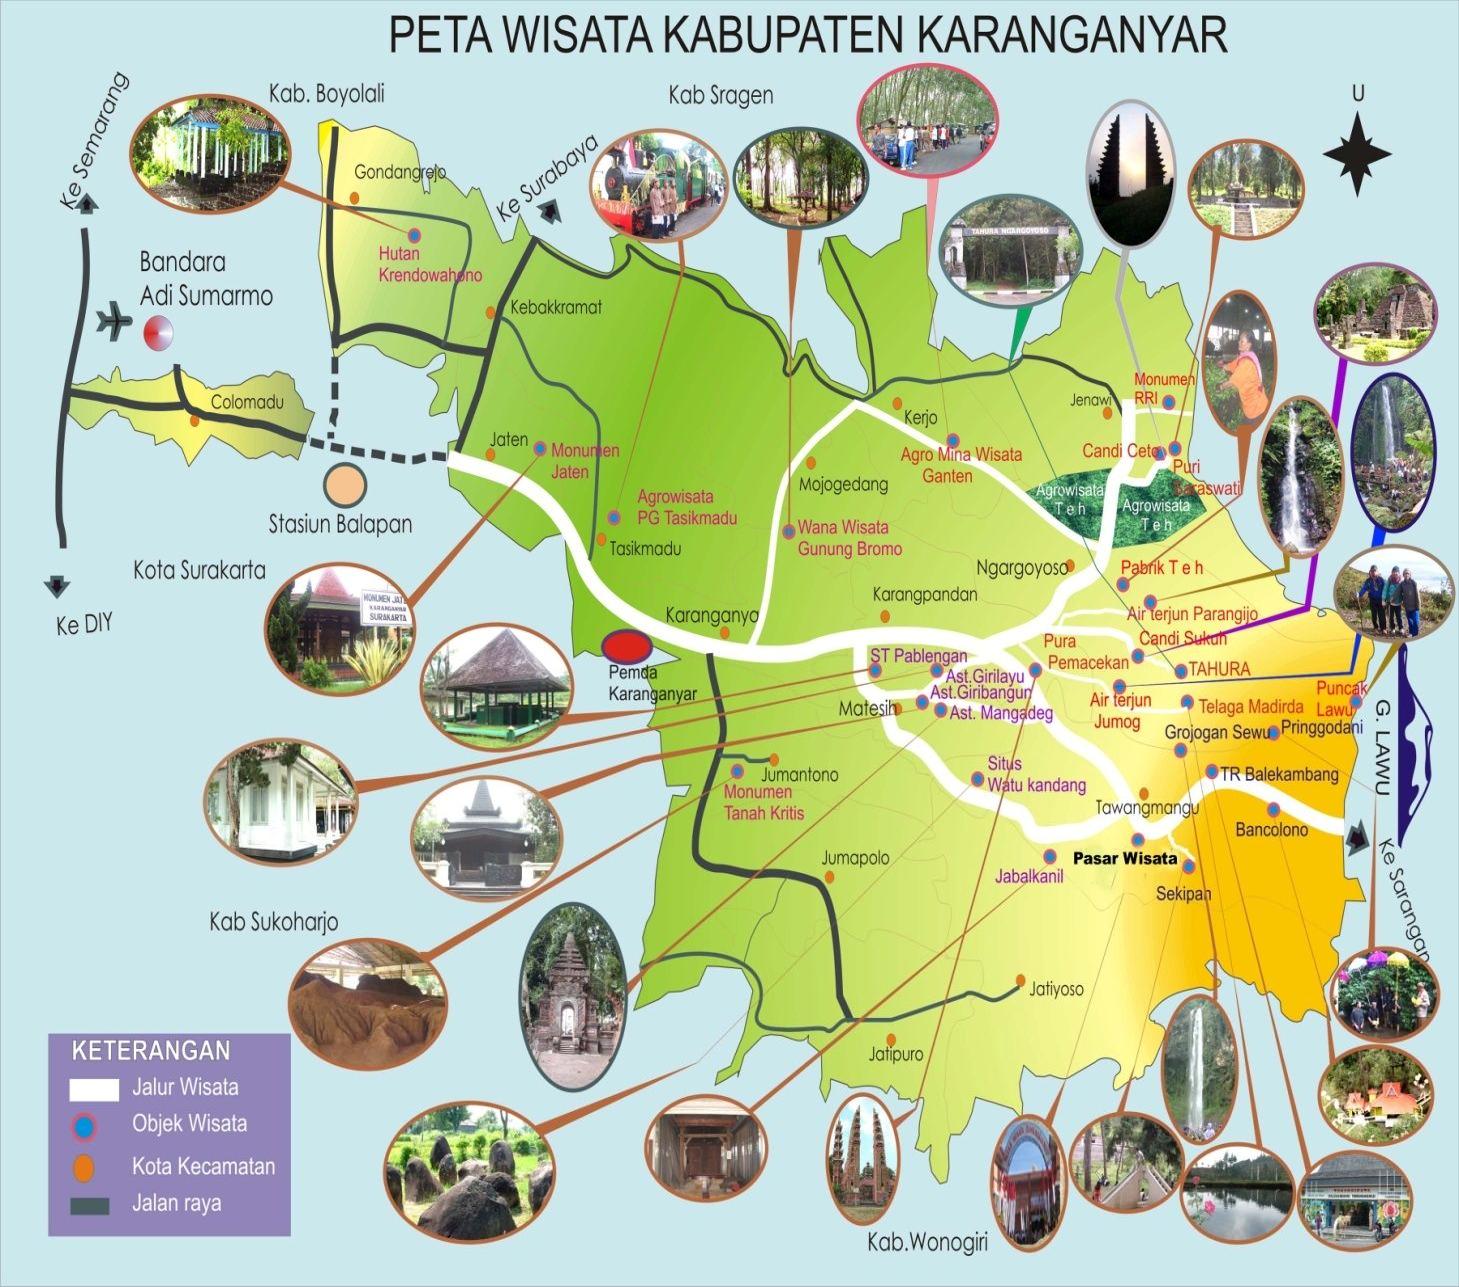 Pariwisata Peta Wisata Karanganyar Candi Ceto Kab